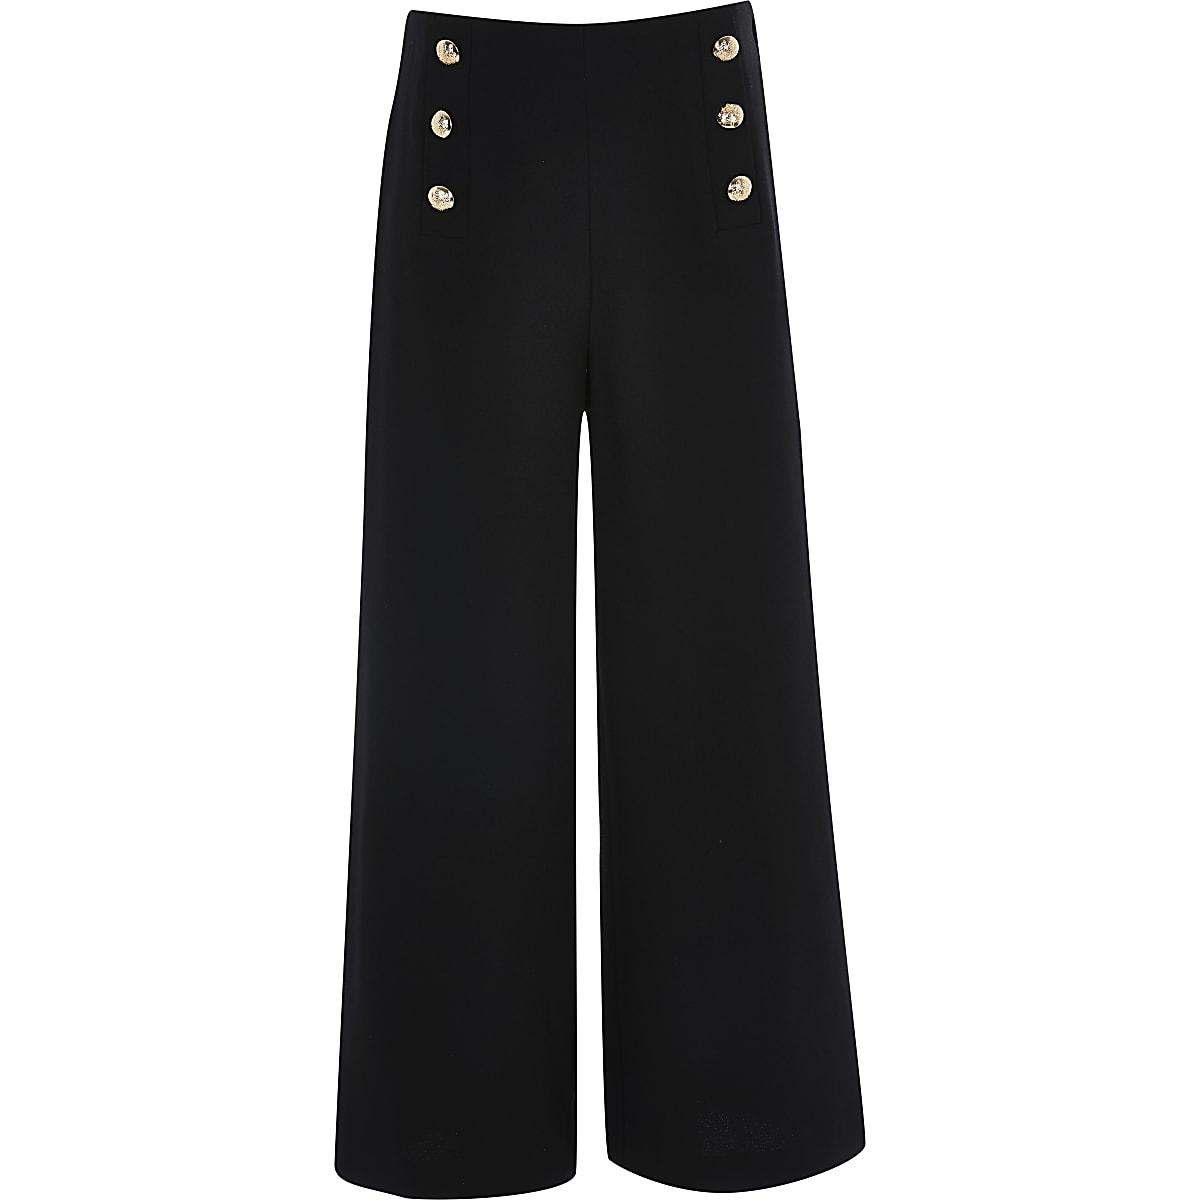 Zwarte broek met knopen voorop voor meisjes